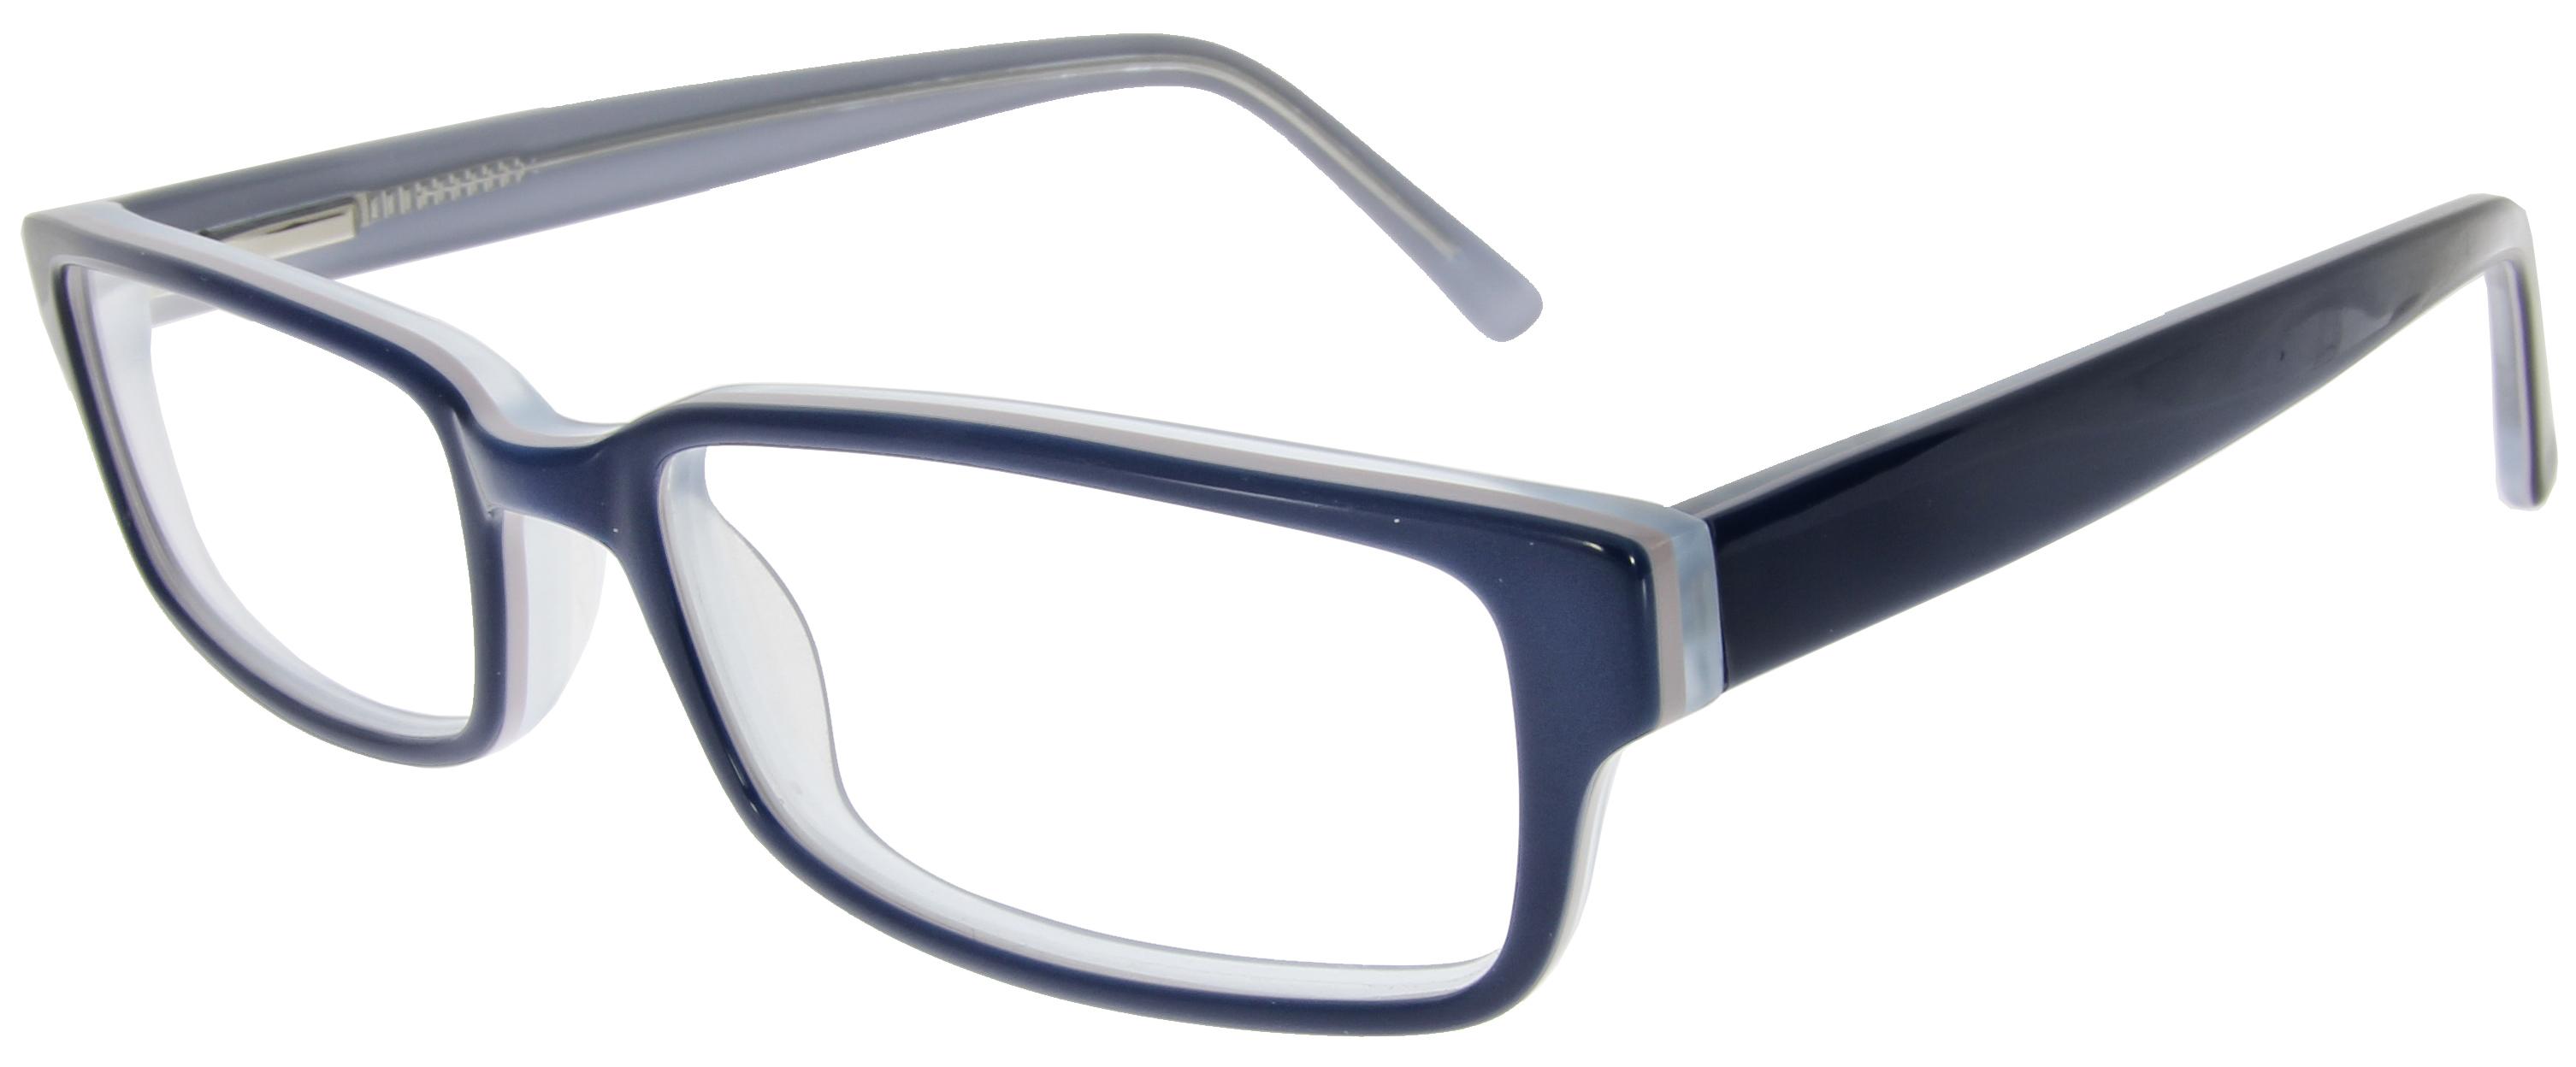 Nerd Brille schon ab 34,99 € inkl. Sehstärke